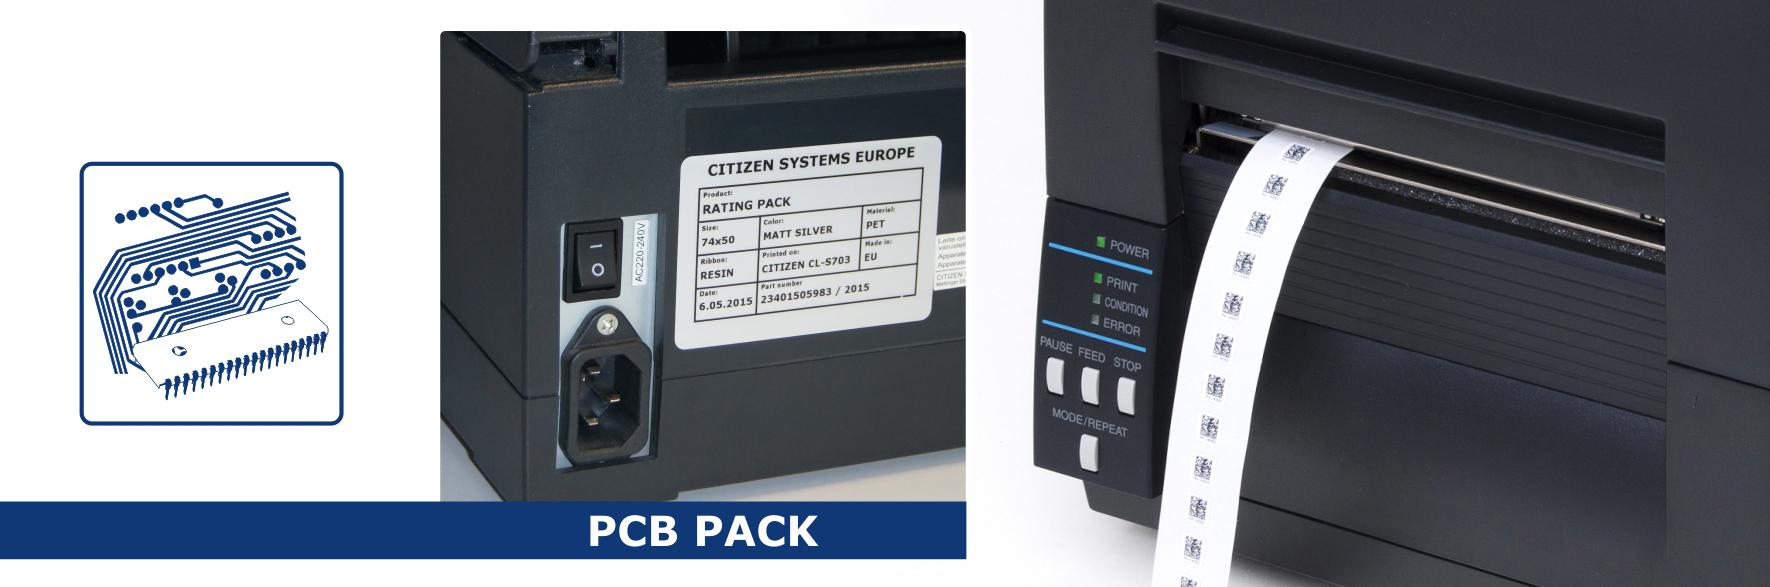 PCB Pack – dla sprawnie działającego traceability